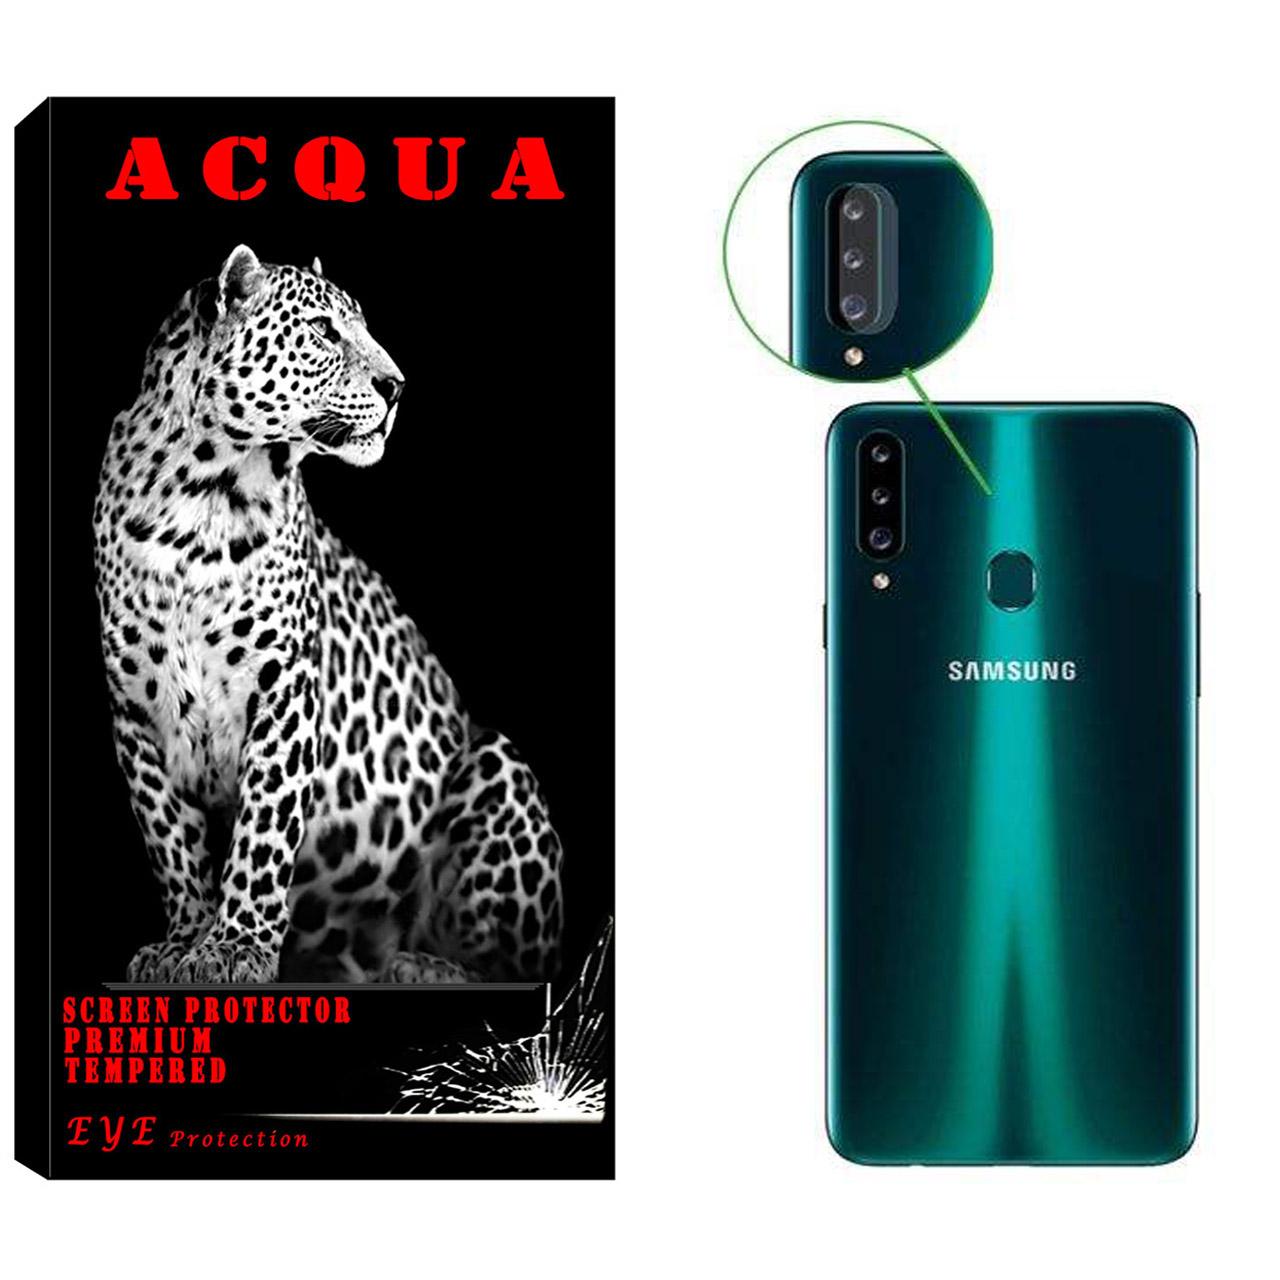 محافظ لنز دوربین آکوا مدل LN مناسب برای گوشی موبایل سامسونگ  Galaxy A20s